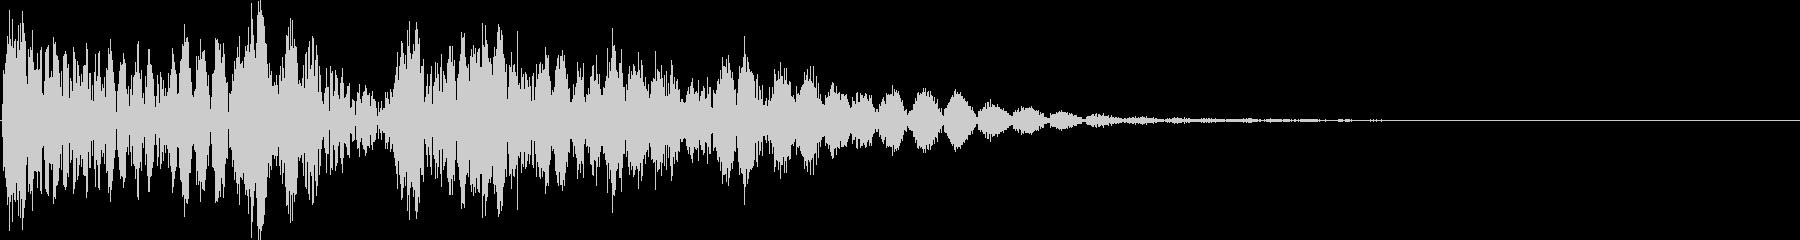 ビシッ(攻撃音)の未再生の波形